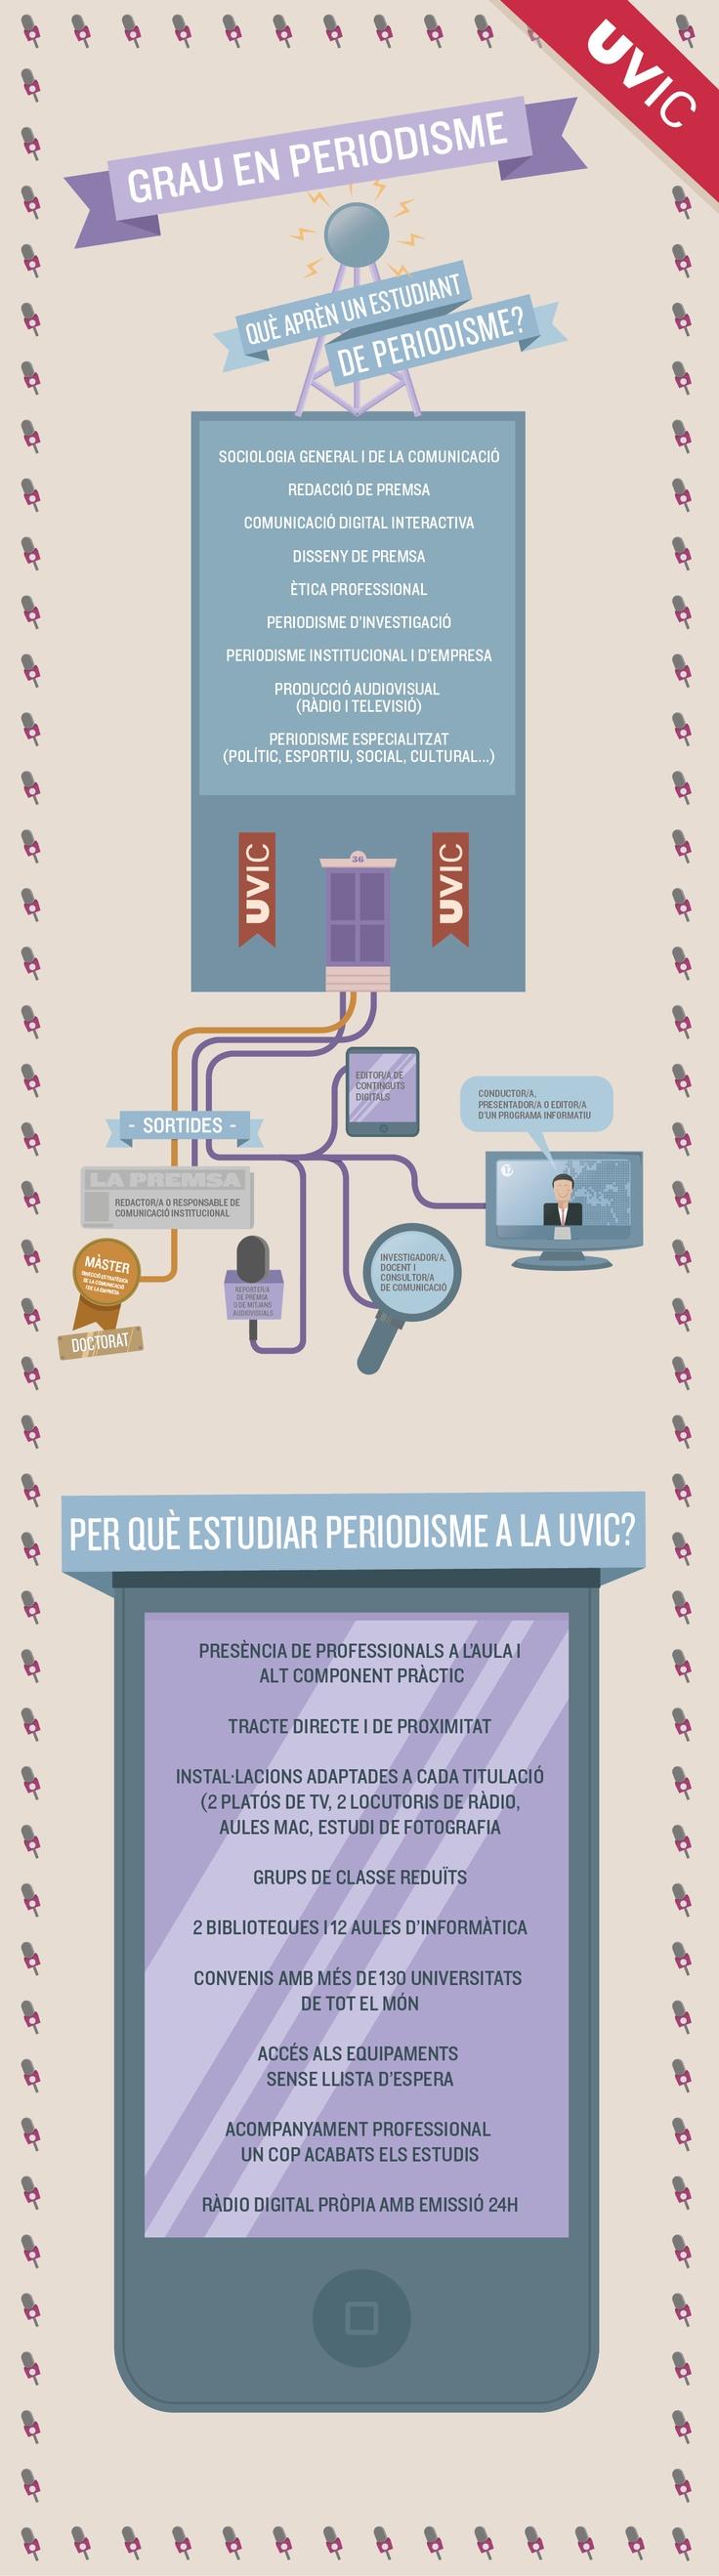 Infografia del Grau en Periodisme. #UVic #Infografia #infografies #periodisme #grau #graus